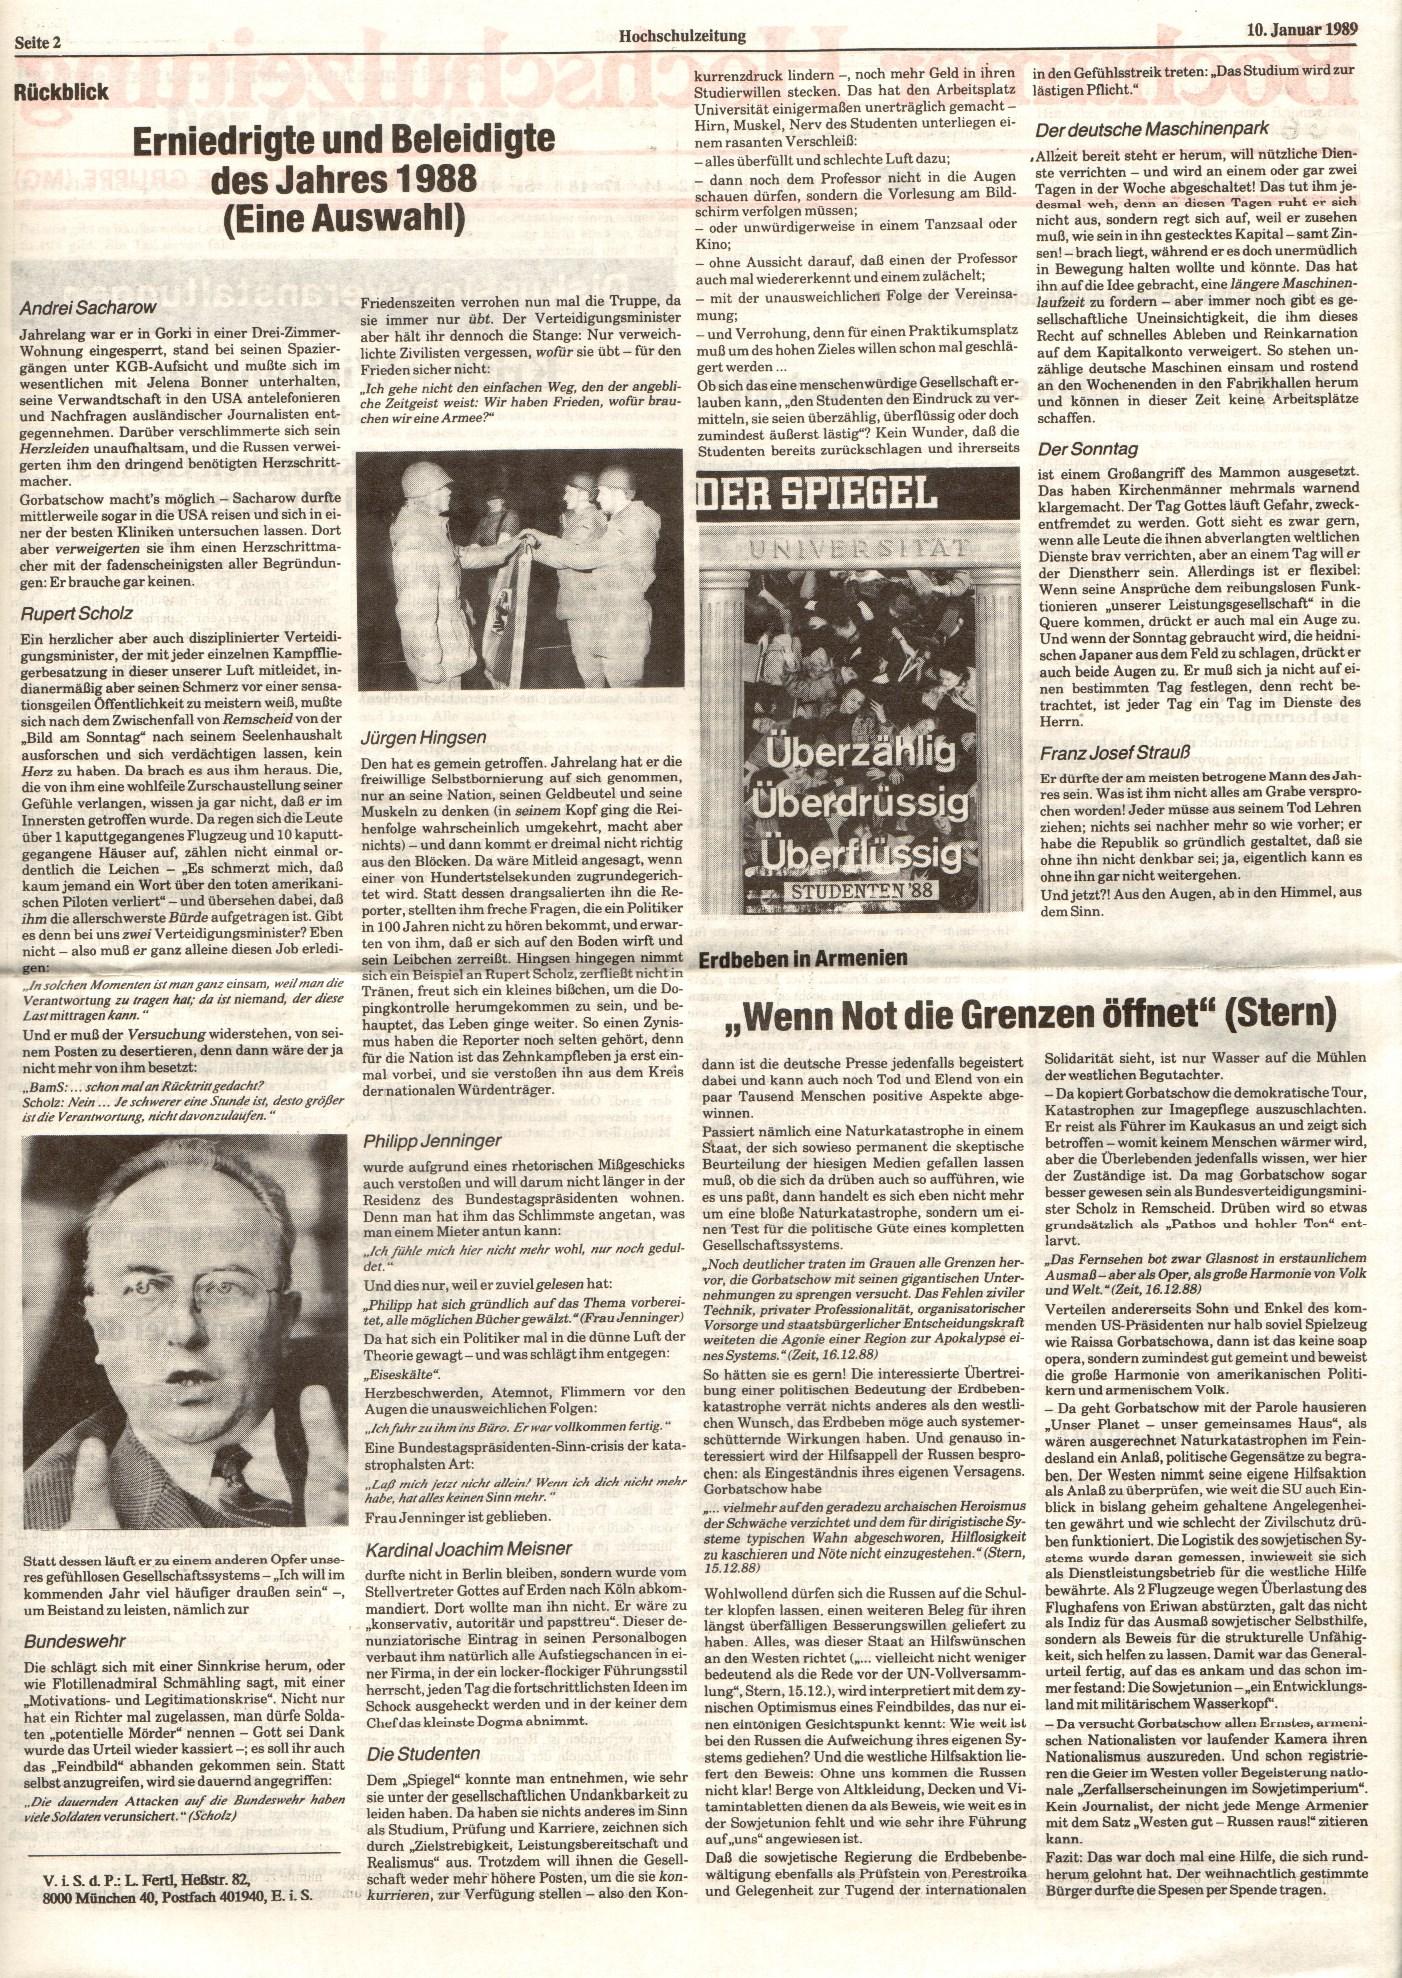 MG_Bochumer_Hochschulzeitung_19890110_02